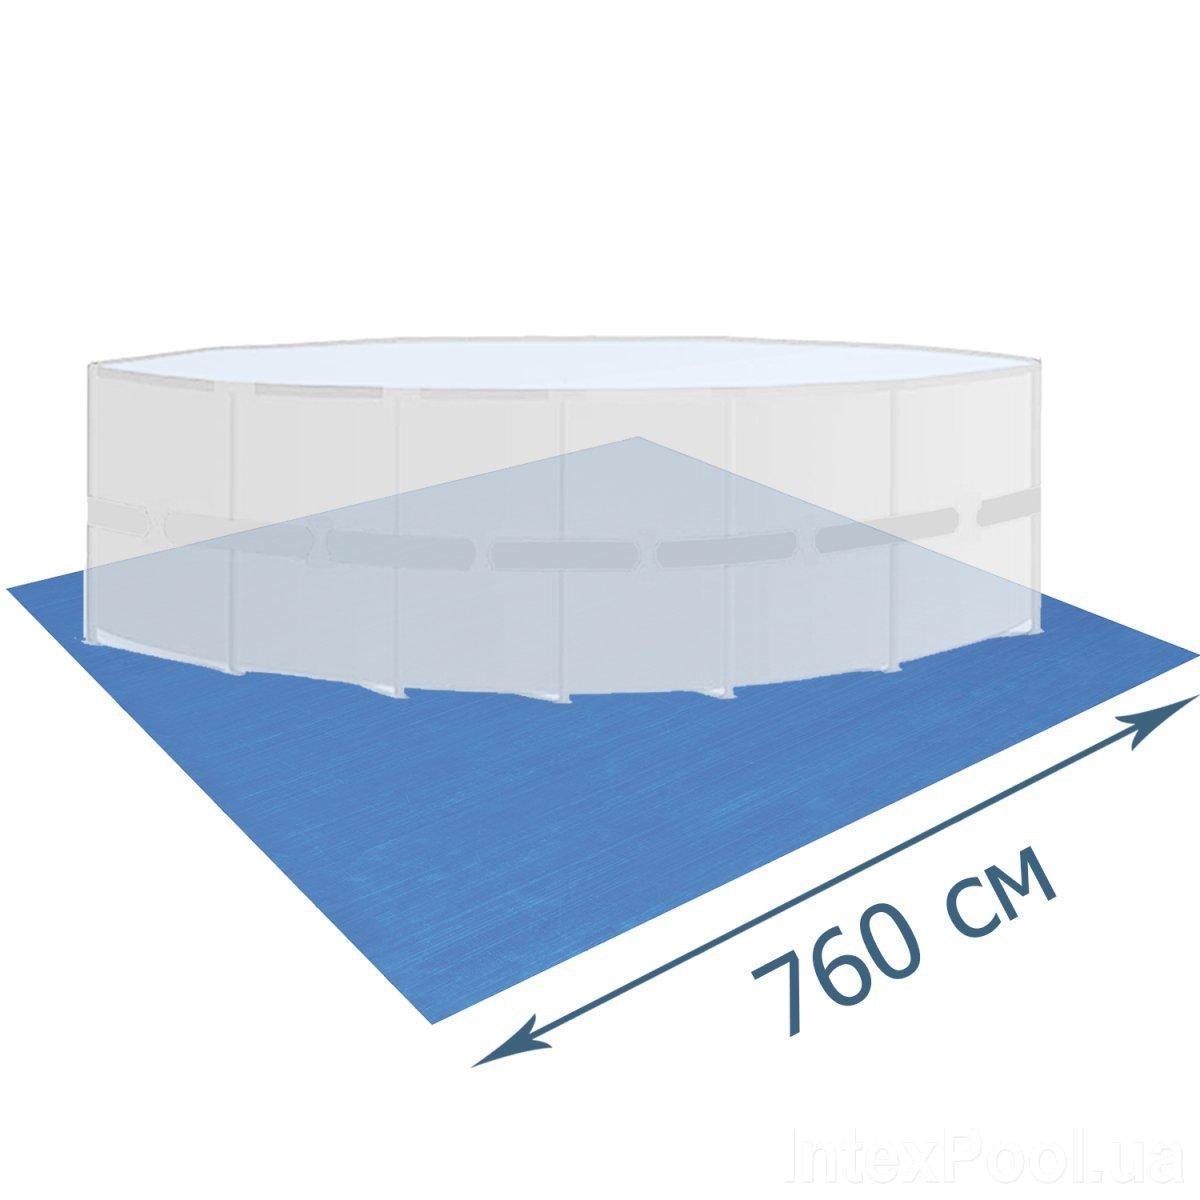 Подстилка для бассейна IntexPool 55020, 760 х 760 см, квадратная